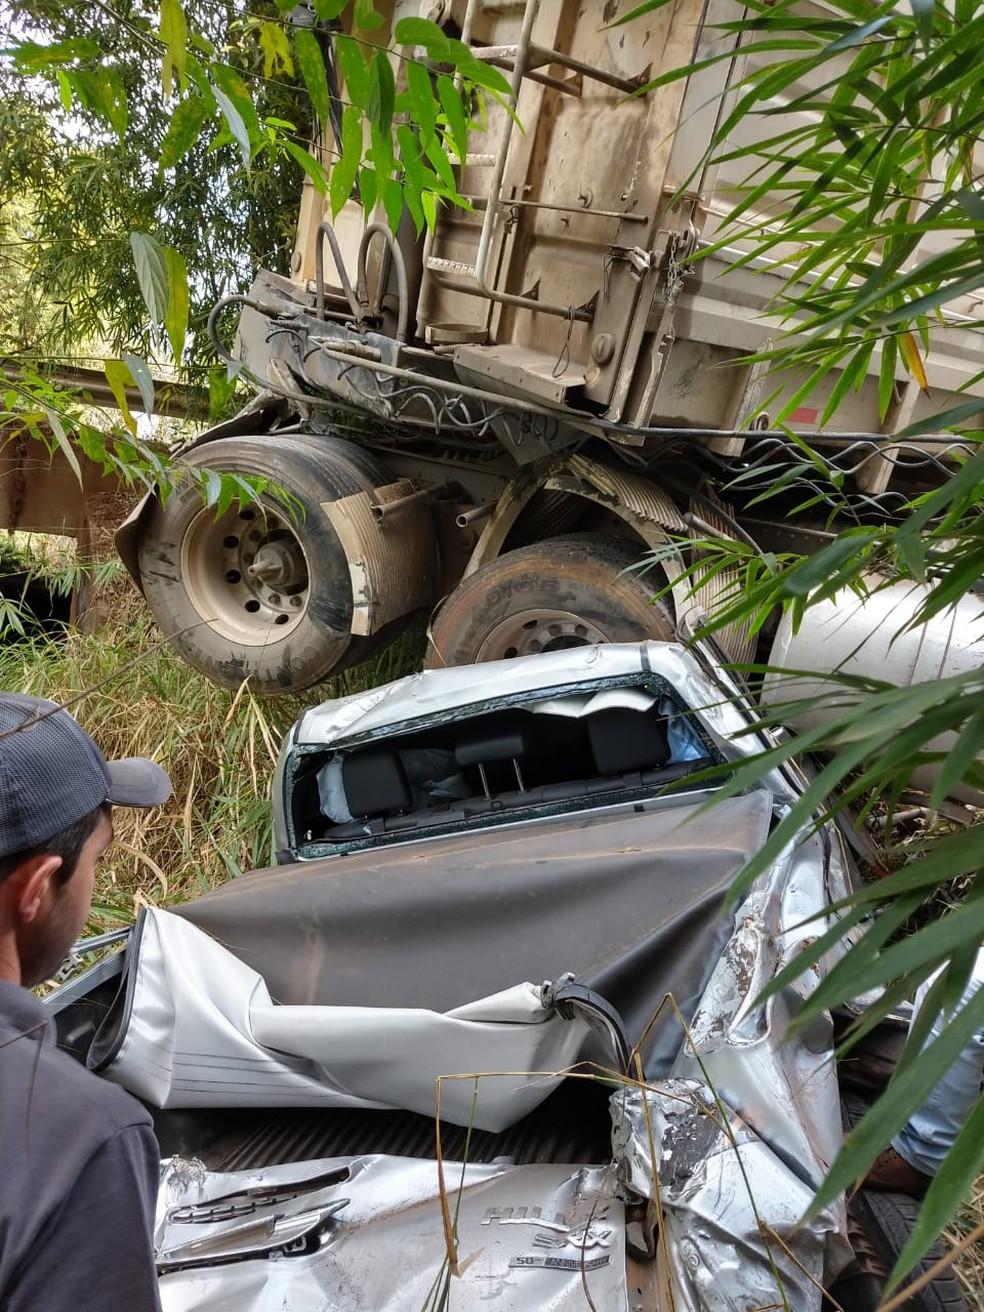 Acidente entre caminhonete e caminhão deixou um morto em Angatuba (SP) â?? Foto: João Vitor Orsi/Angatubanews